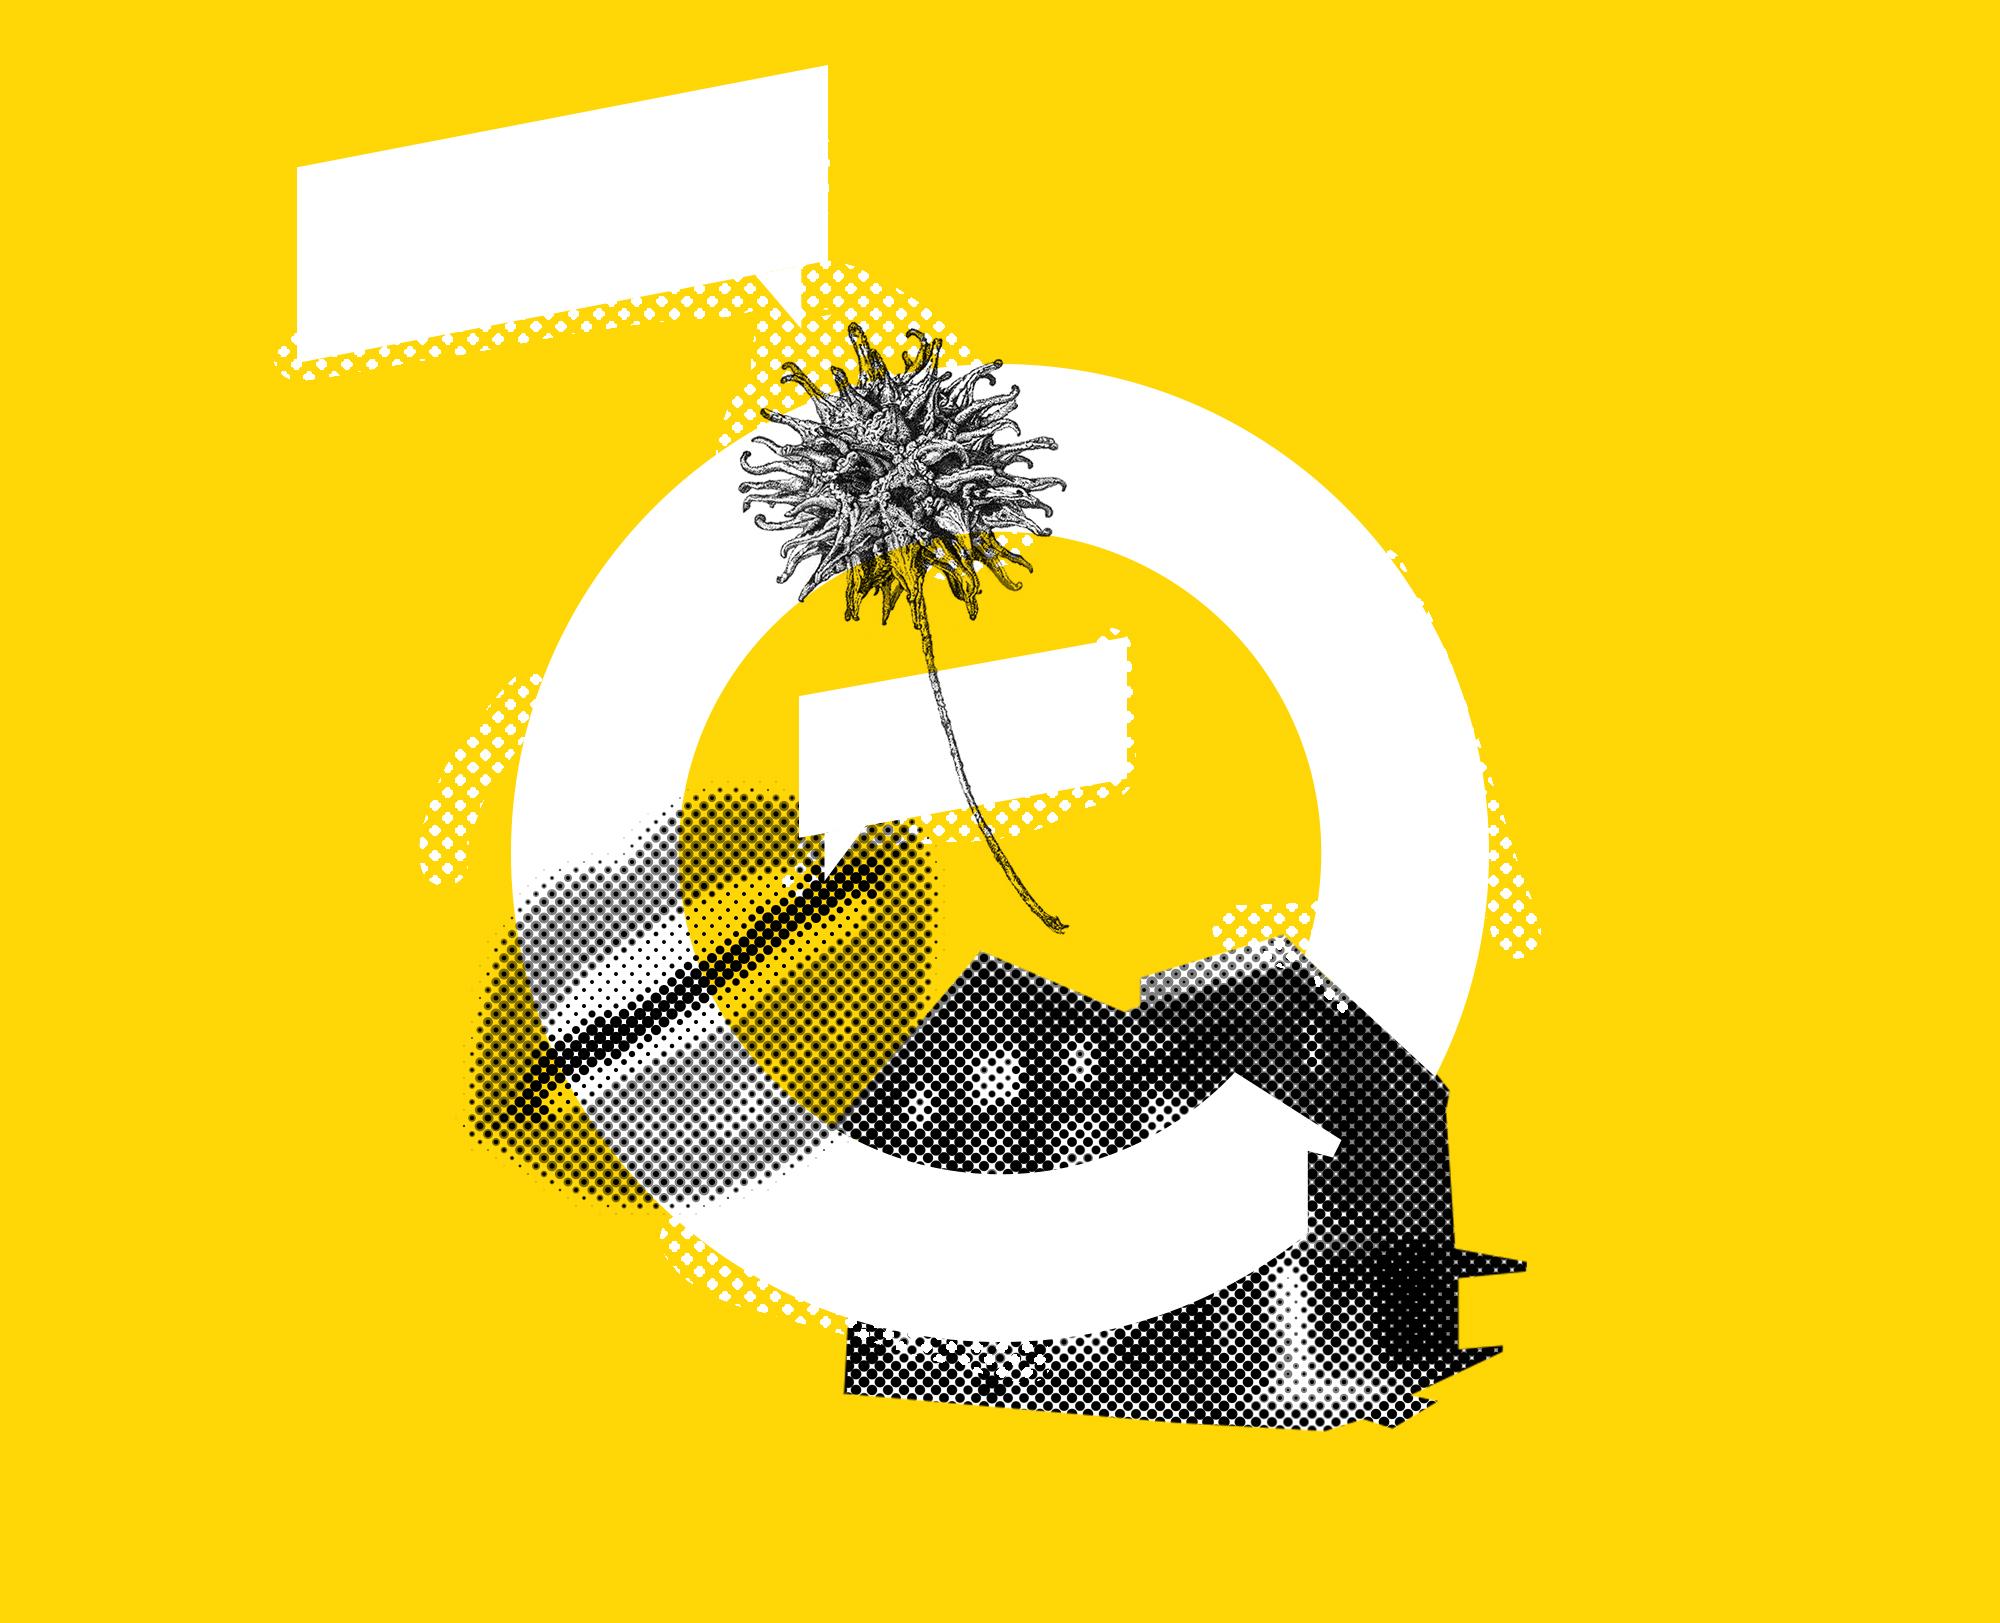 Collagen Illustration mit Mund, Blüten, Theater Ticino und grafischen Elementen zum Thema Dialog